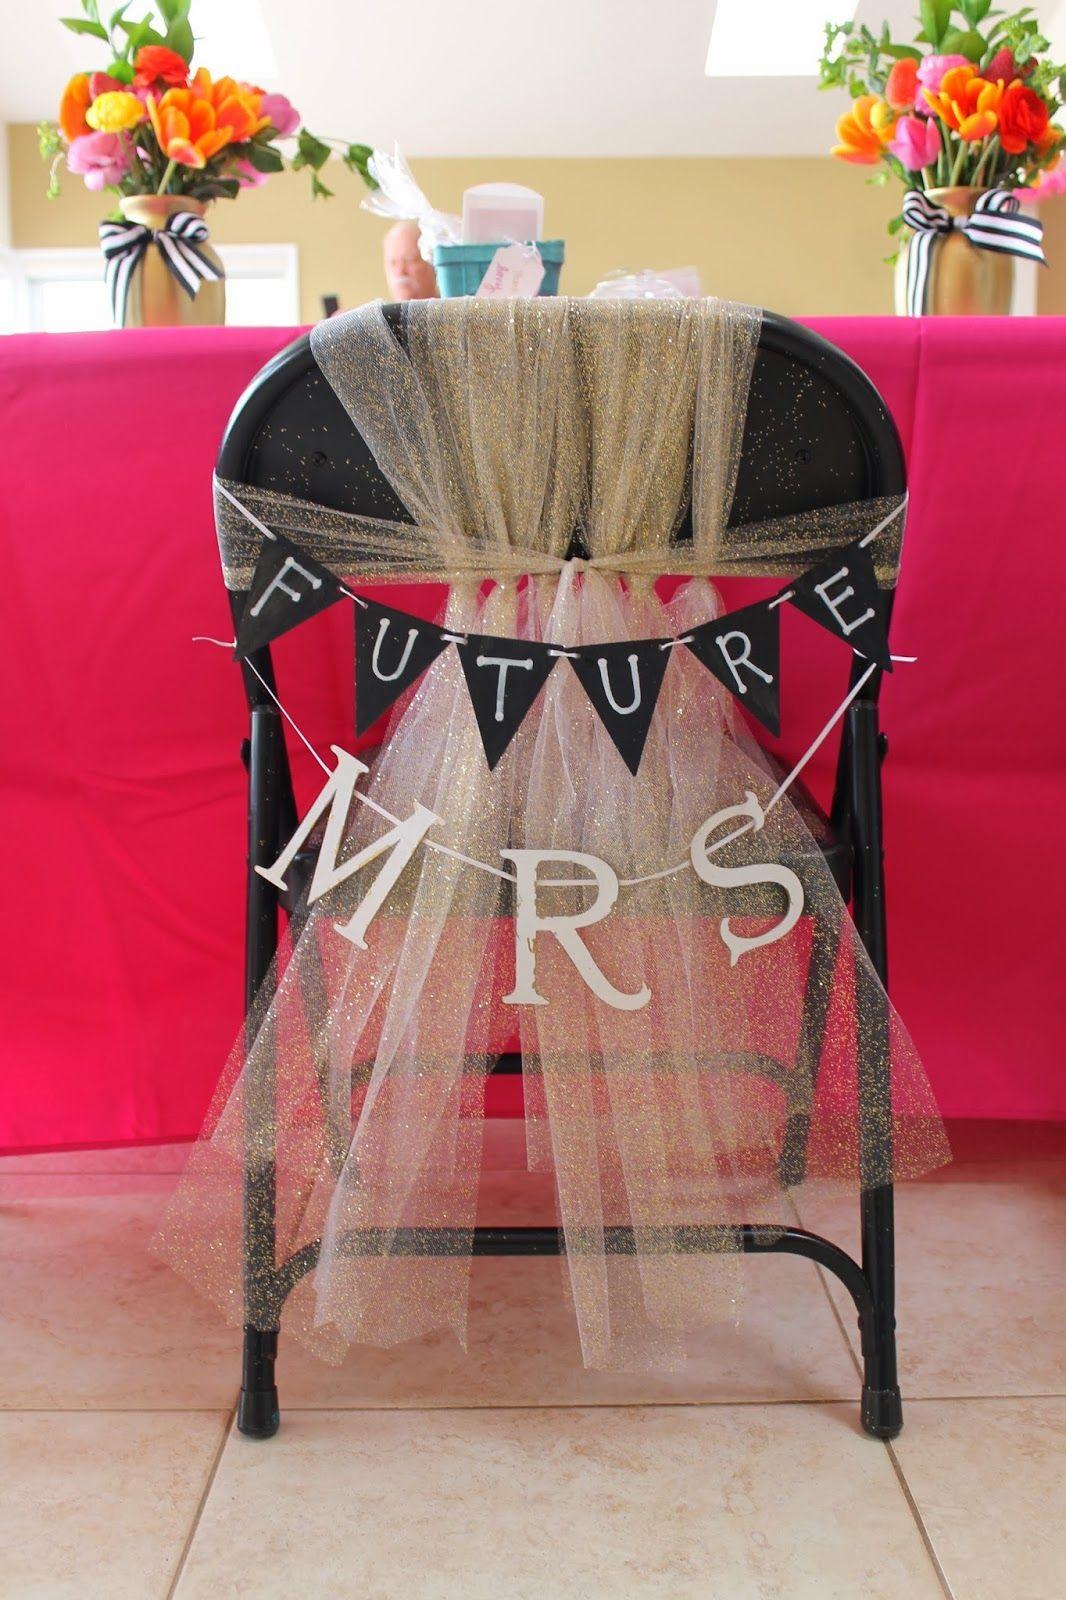 Wedding chair decorations diy  Crafting My Best Friendus Bridal Shower  Shower u Wedding ideas